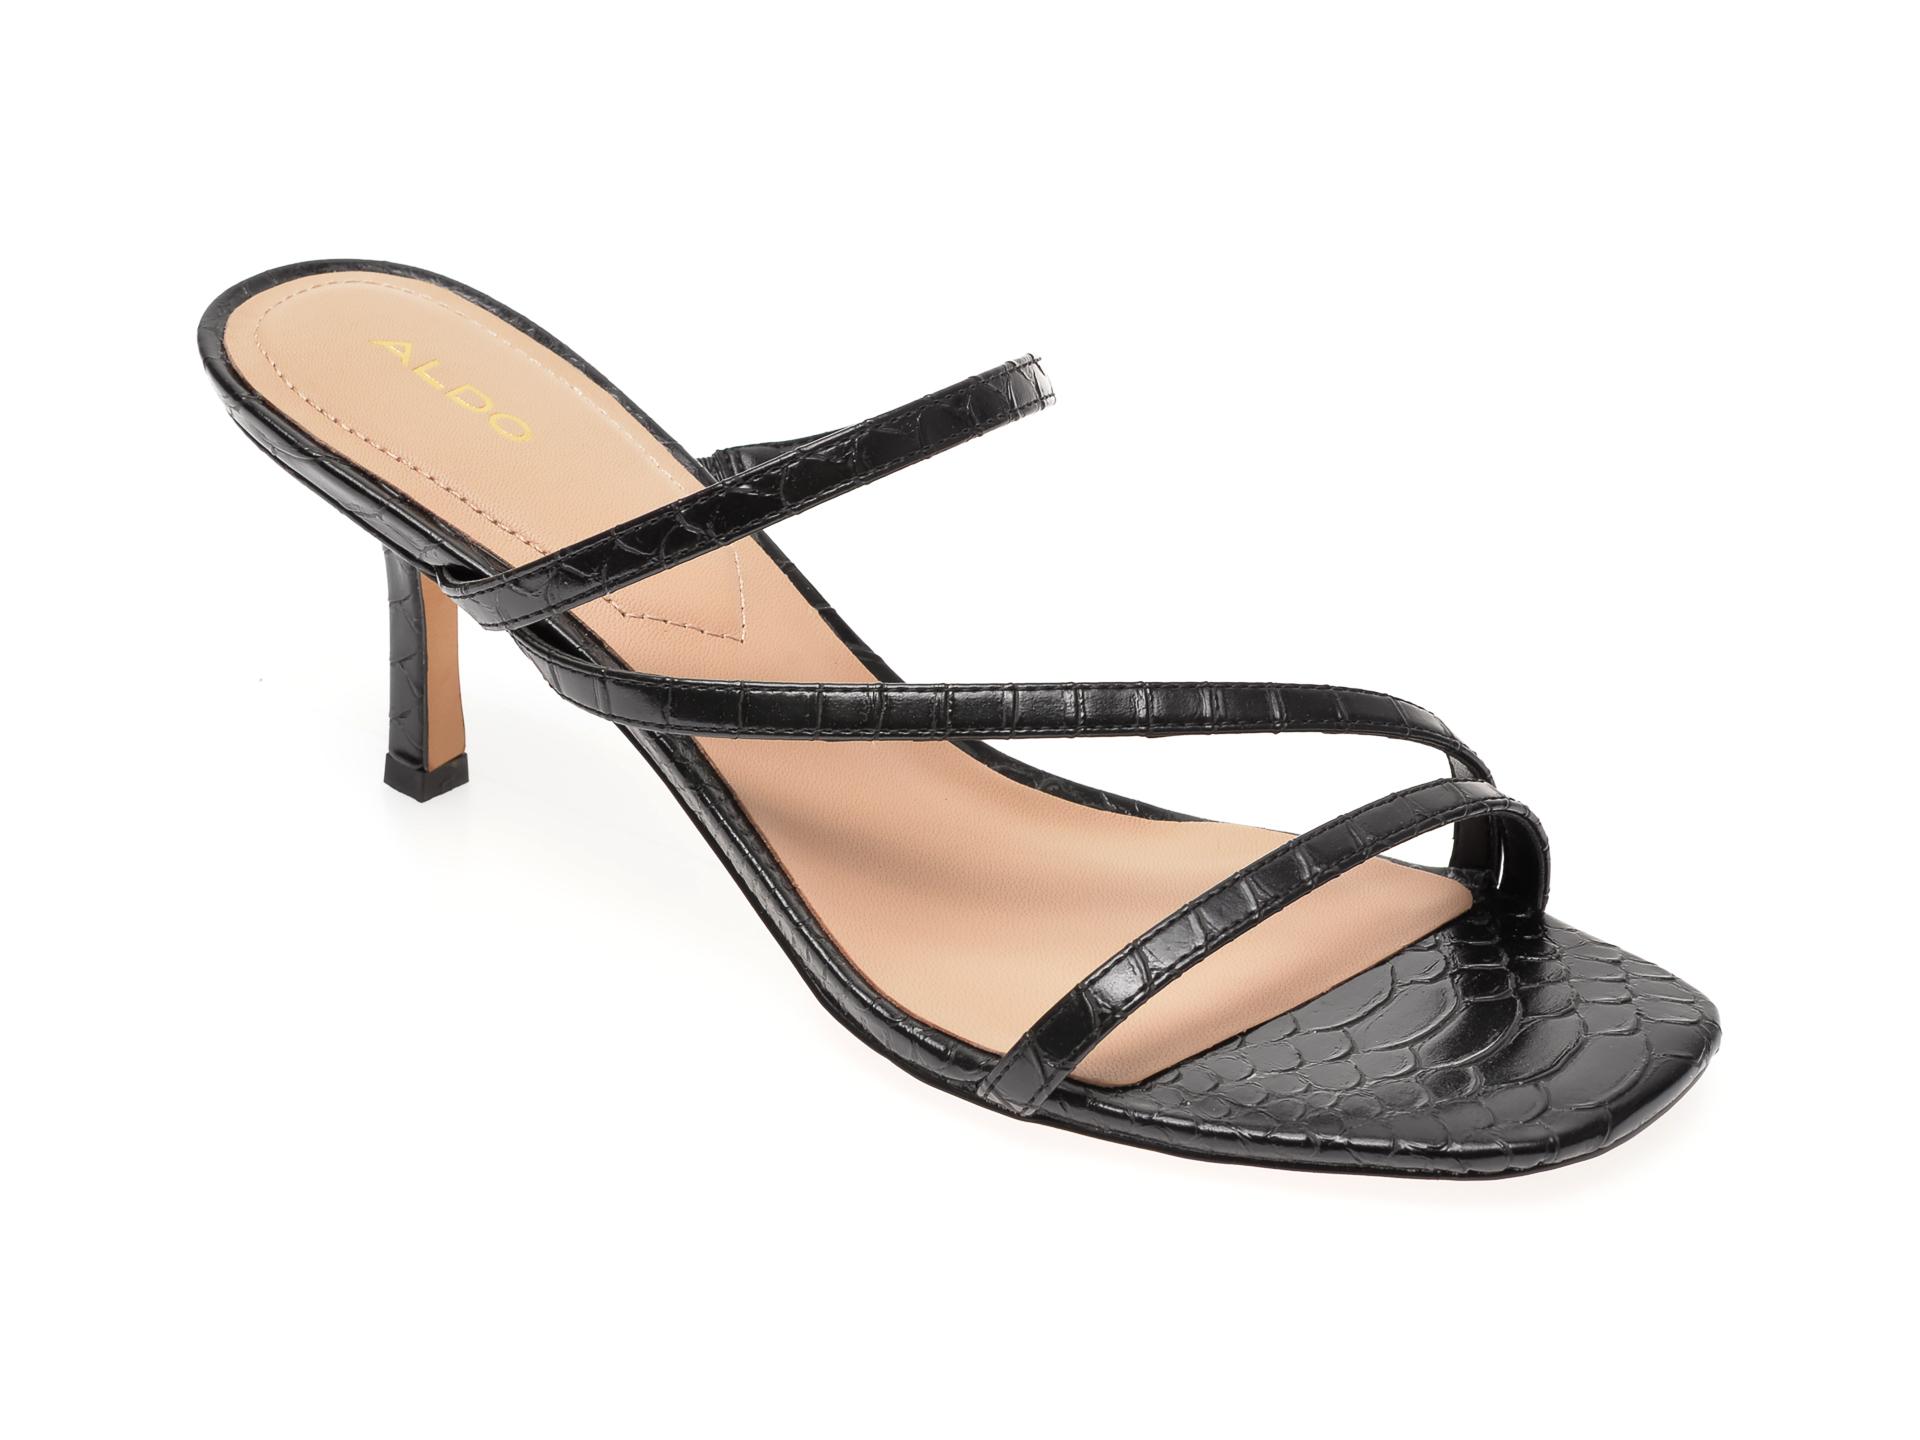 Papuci ALDO negri, Kaeidia001, din piele ecologica